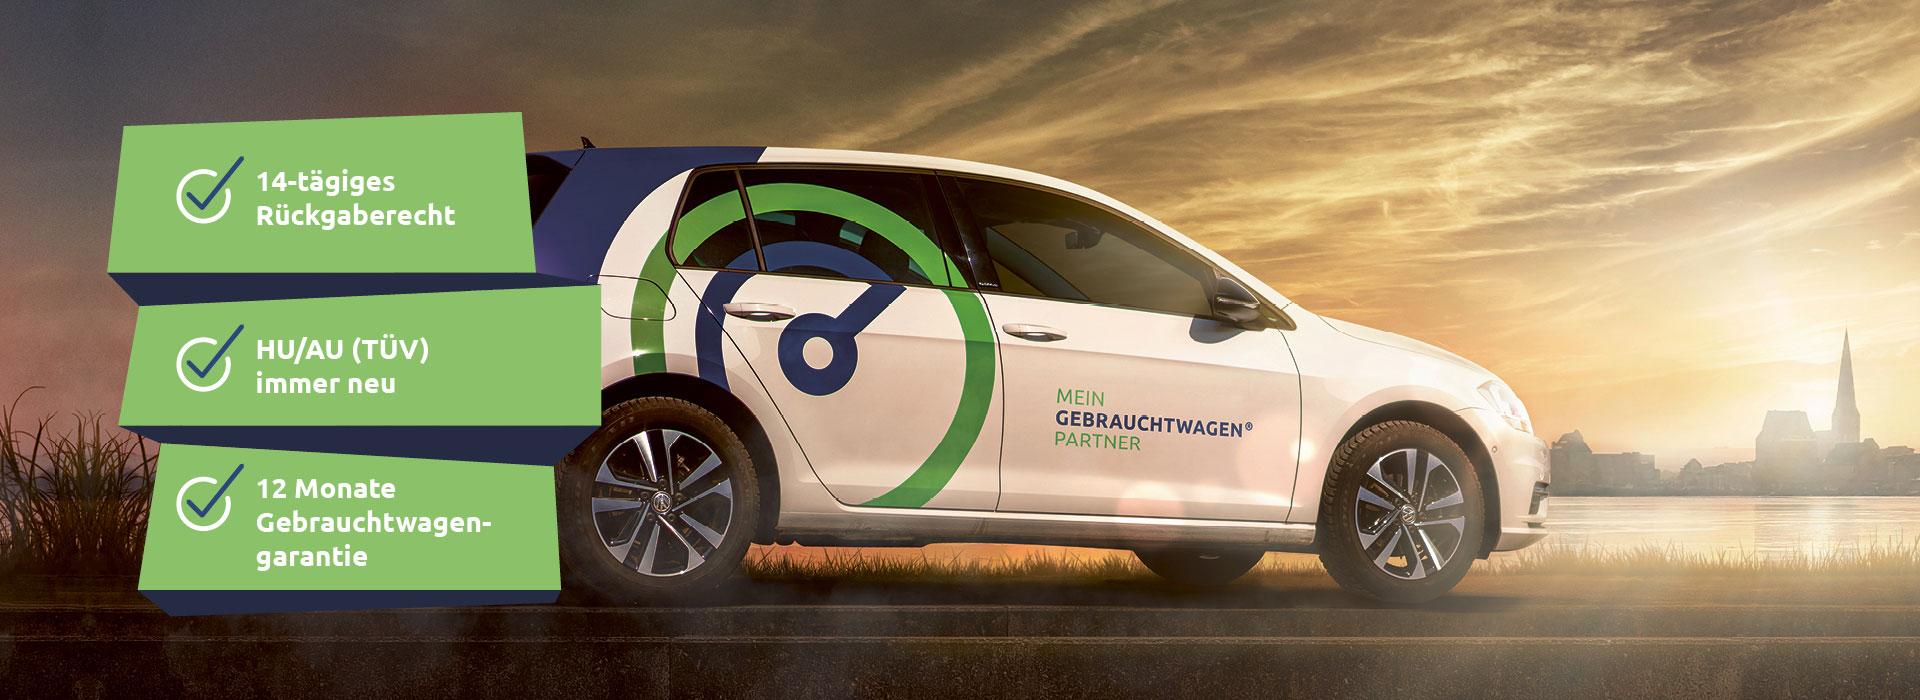 Gebrauchtwagen in Rostock kaufen. Unsere Gebrauchtwagen haben alle einen gültigen TÜV.